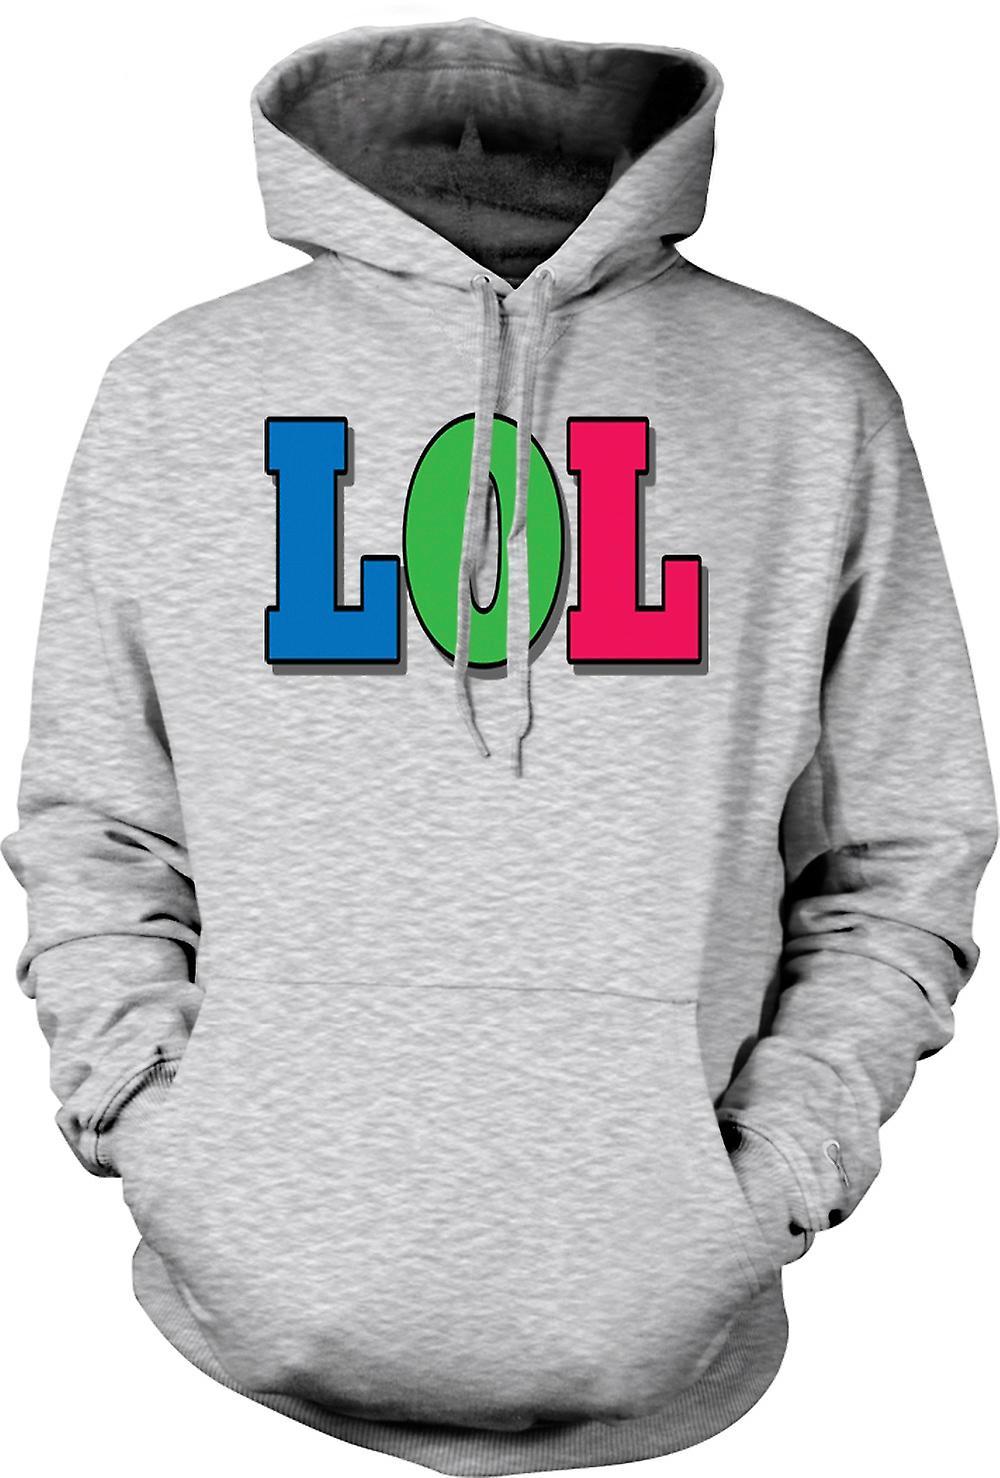 Mens Hoodie - Lol - Funny